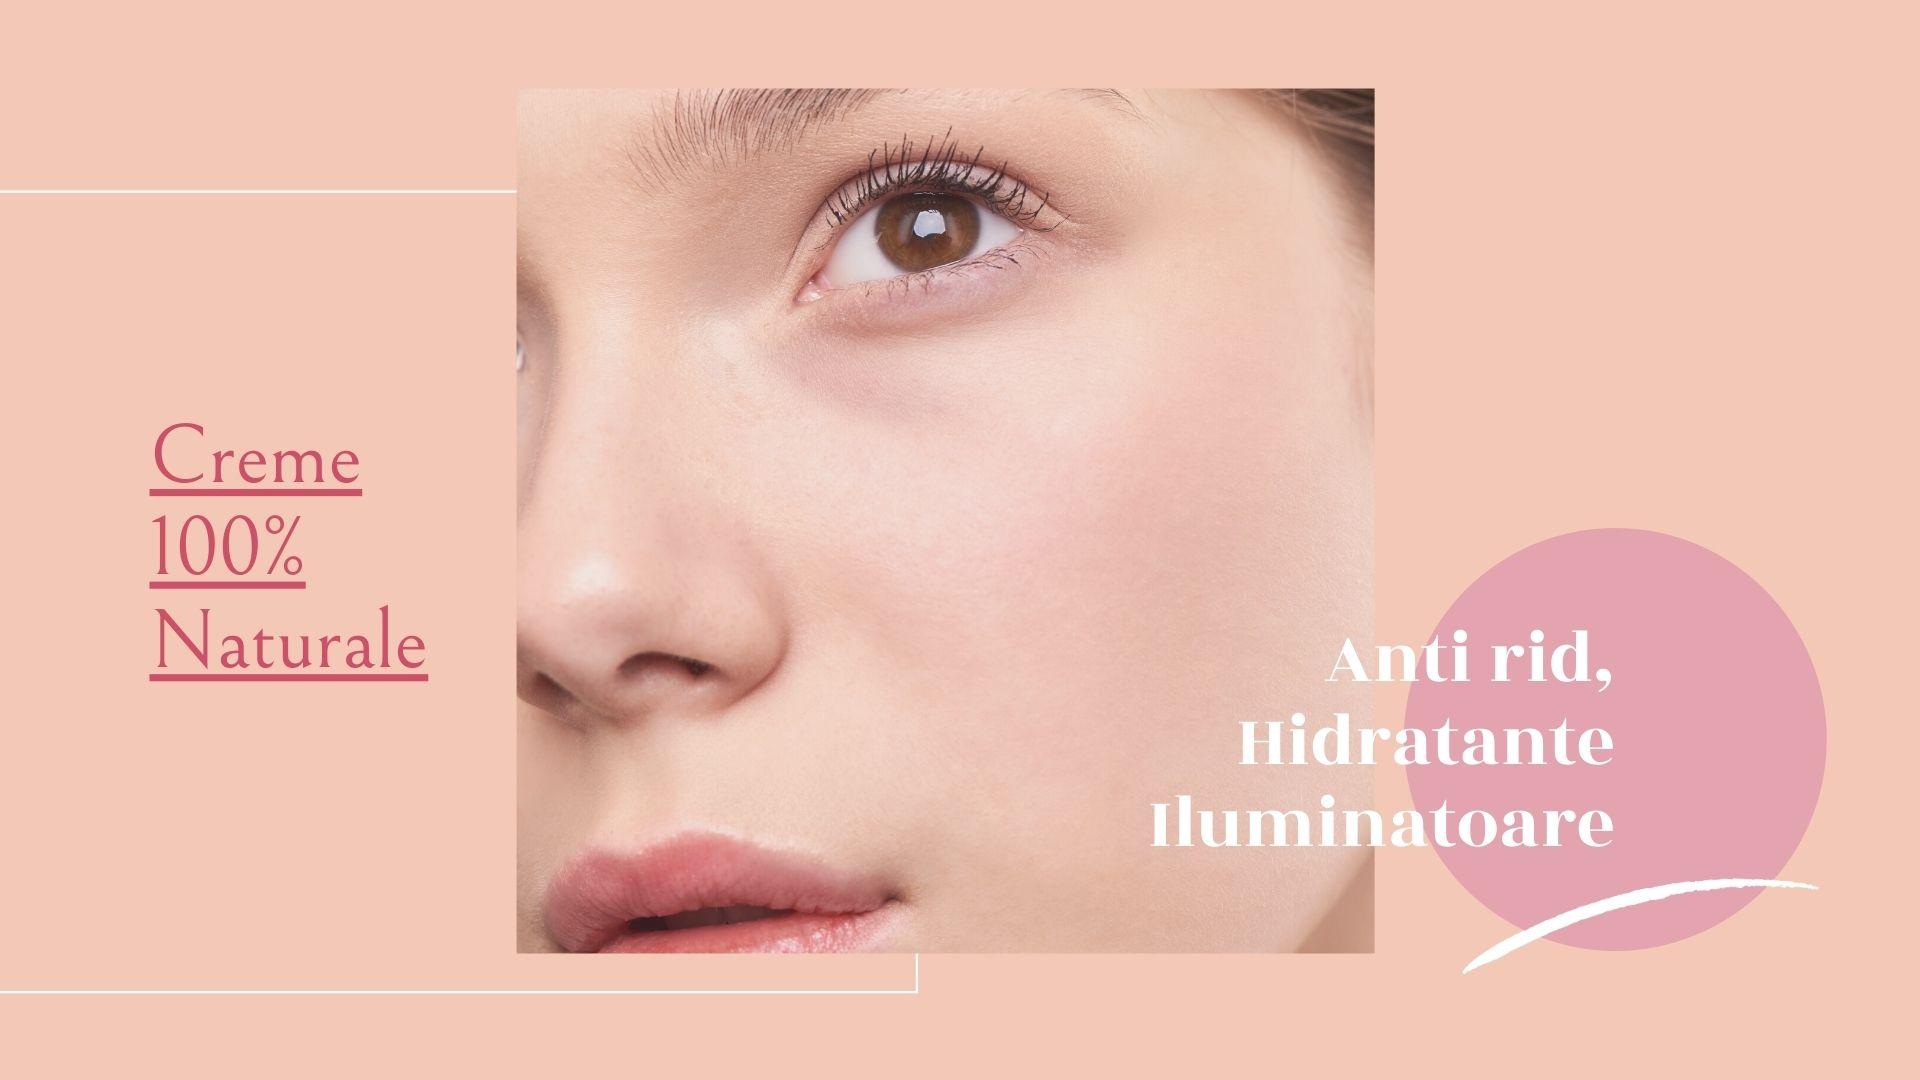 15 Creme de Față Naturale Antirid Hidratante pentru Îngrijirea Pielii